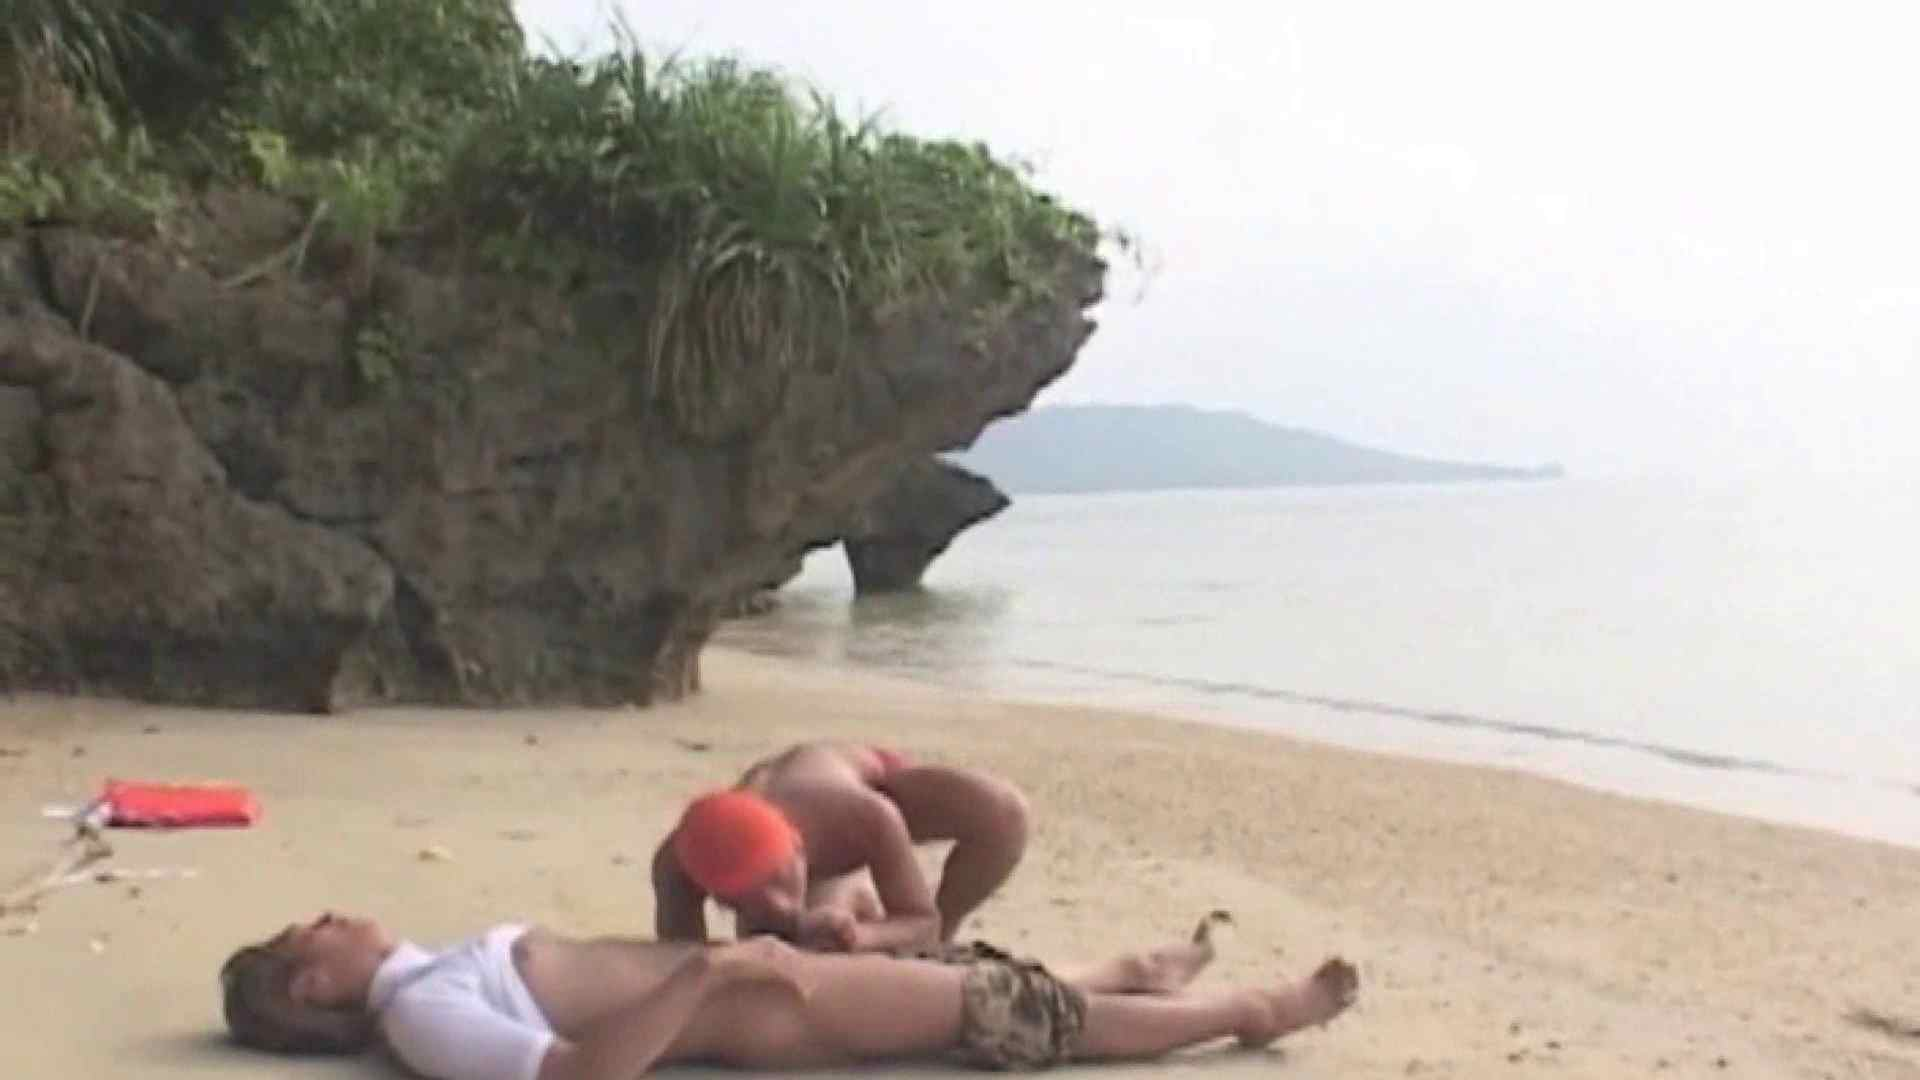 ヘルプミー!おてぃんおてぃんが泣いている! スポーツ系男子 ゲイ無料エロ画像 68枚 24